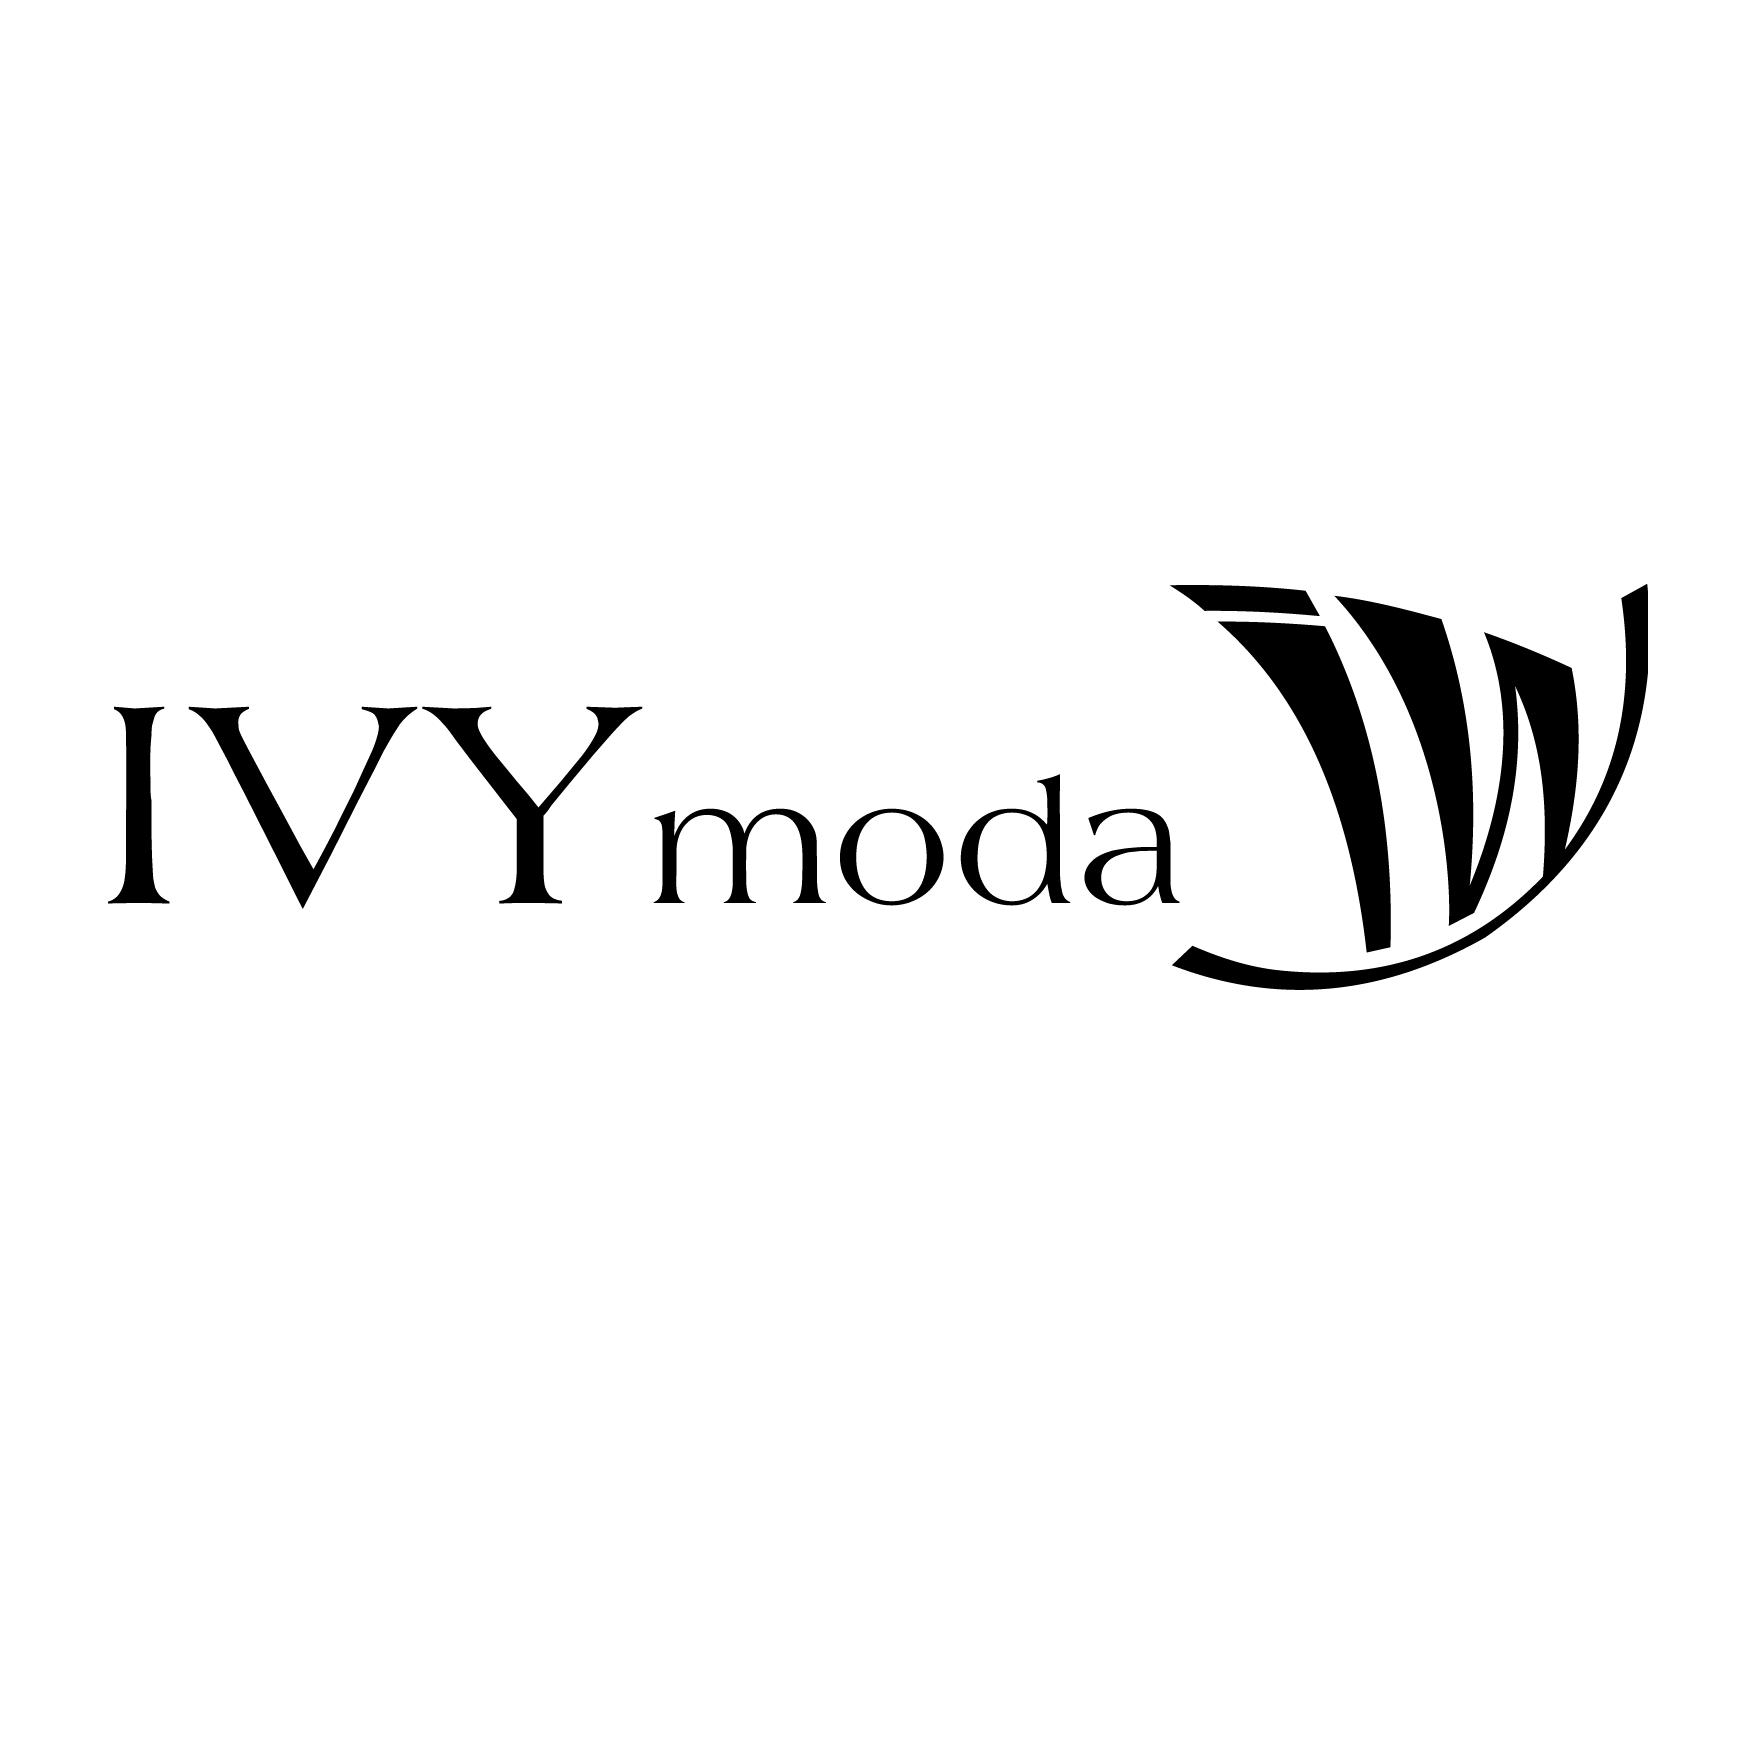 ivy moda 7